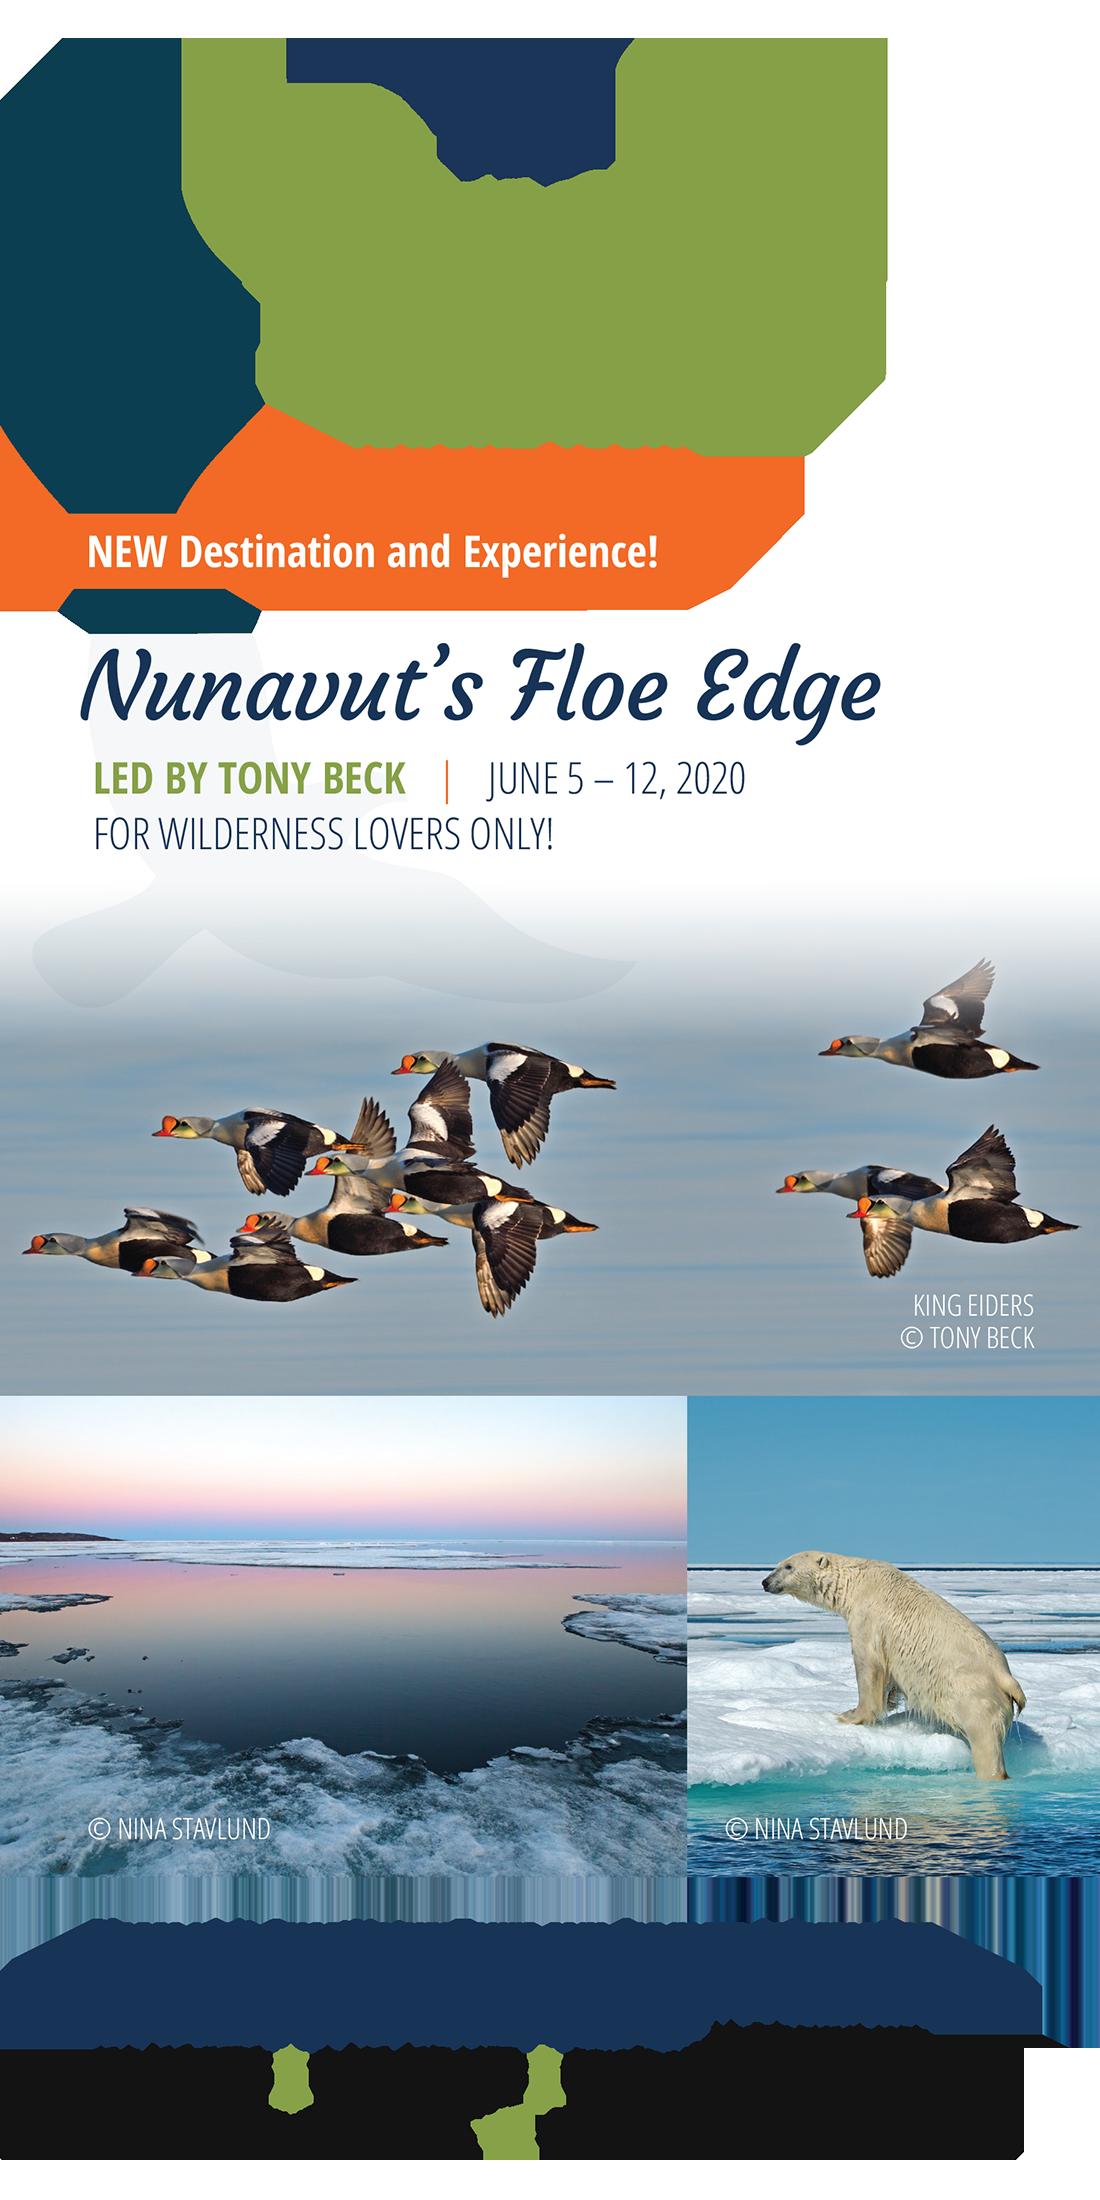 Nunavut Floe Edge - Quest Nature Tours Expedition